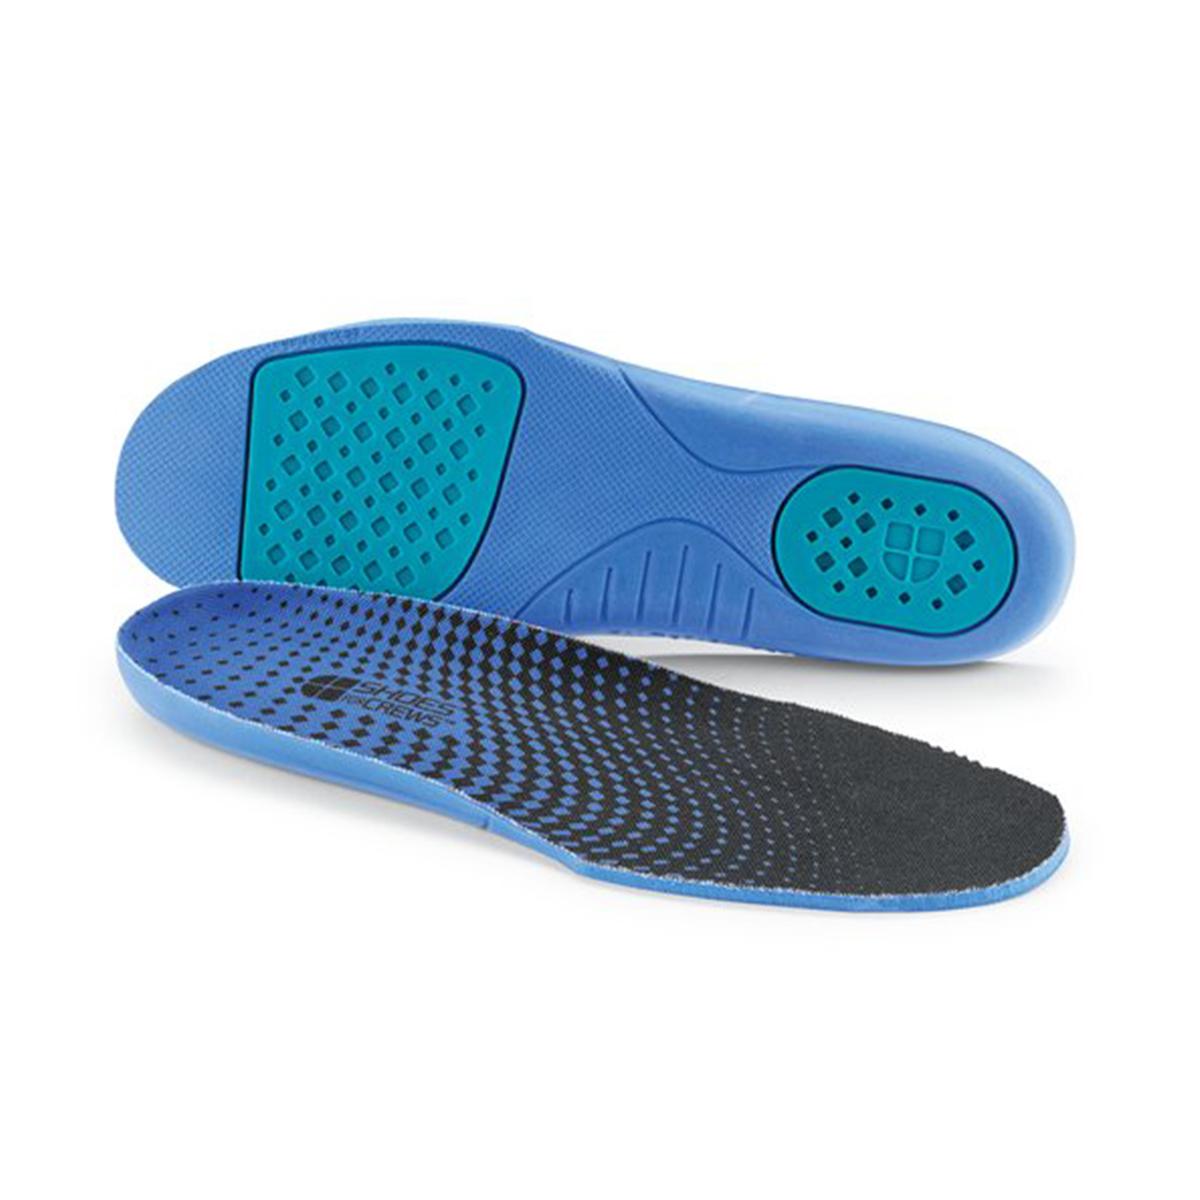 Πατοι gel shoes for crews